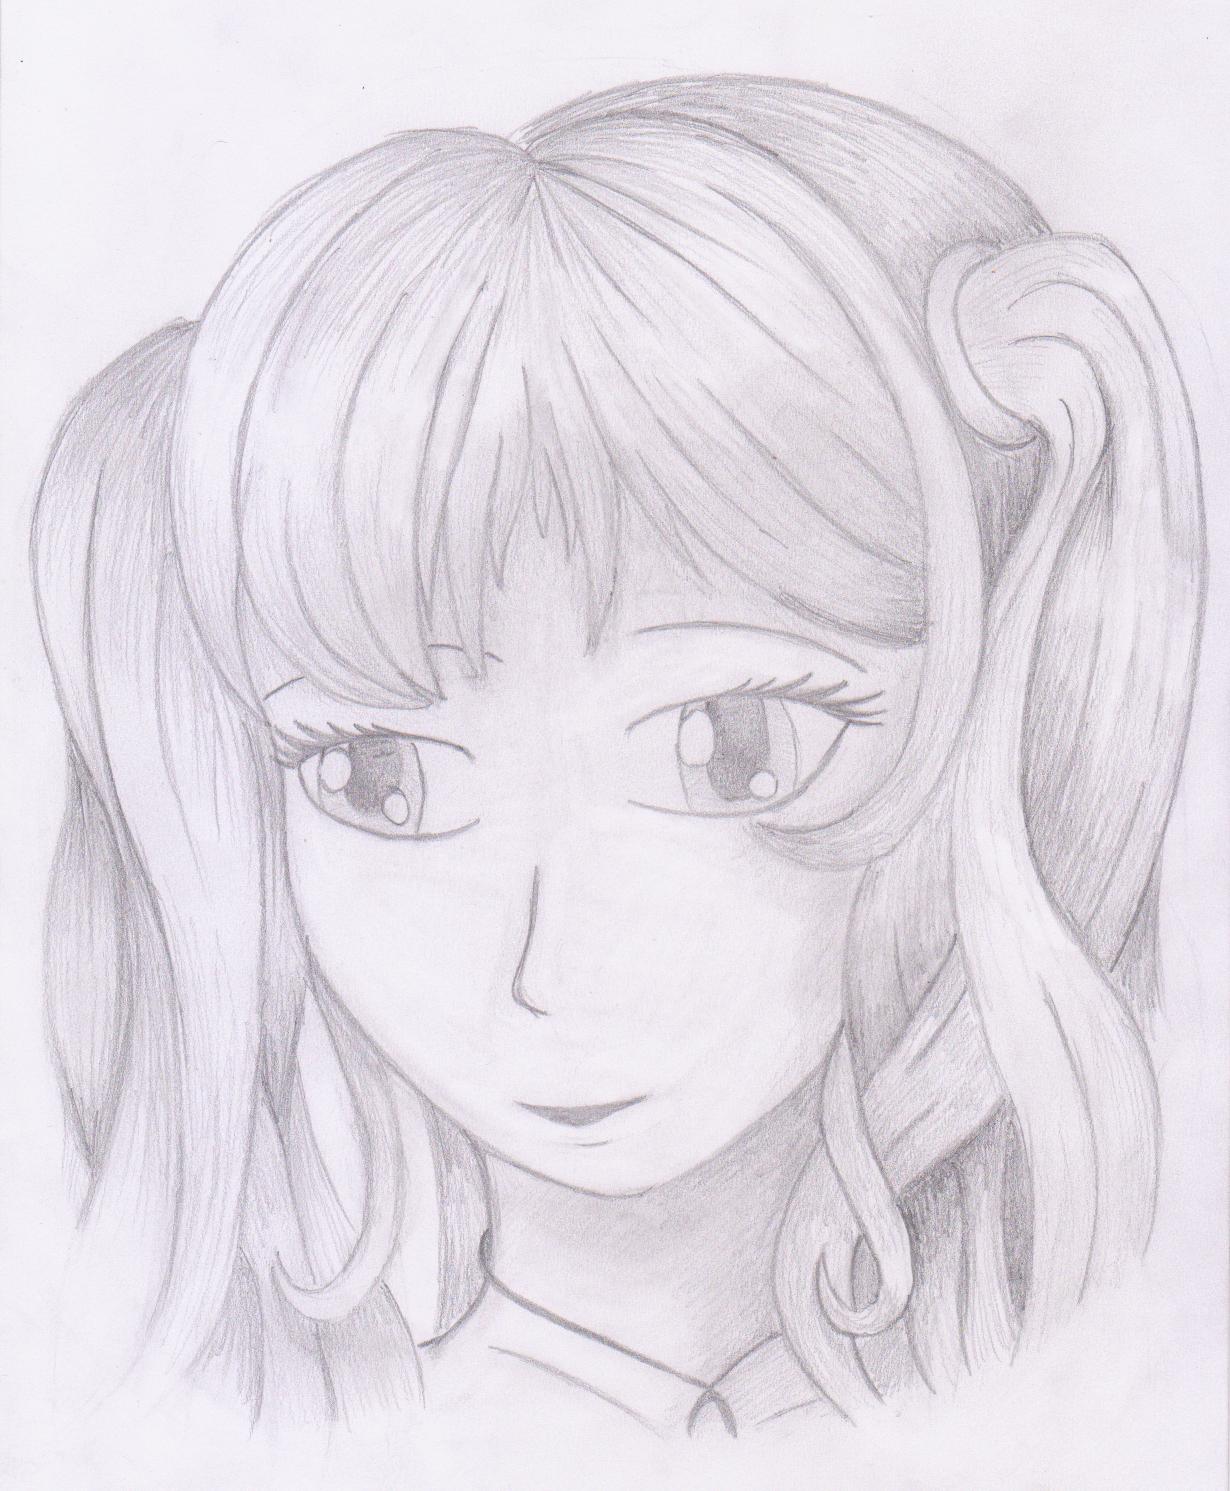 Und noch ein Portrait. Dieses mag ich persönlich sehr gern.